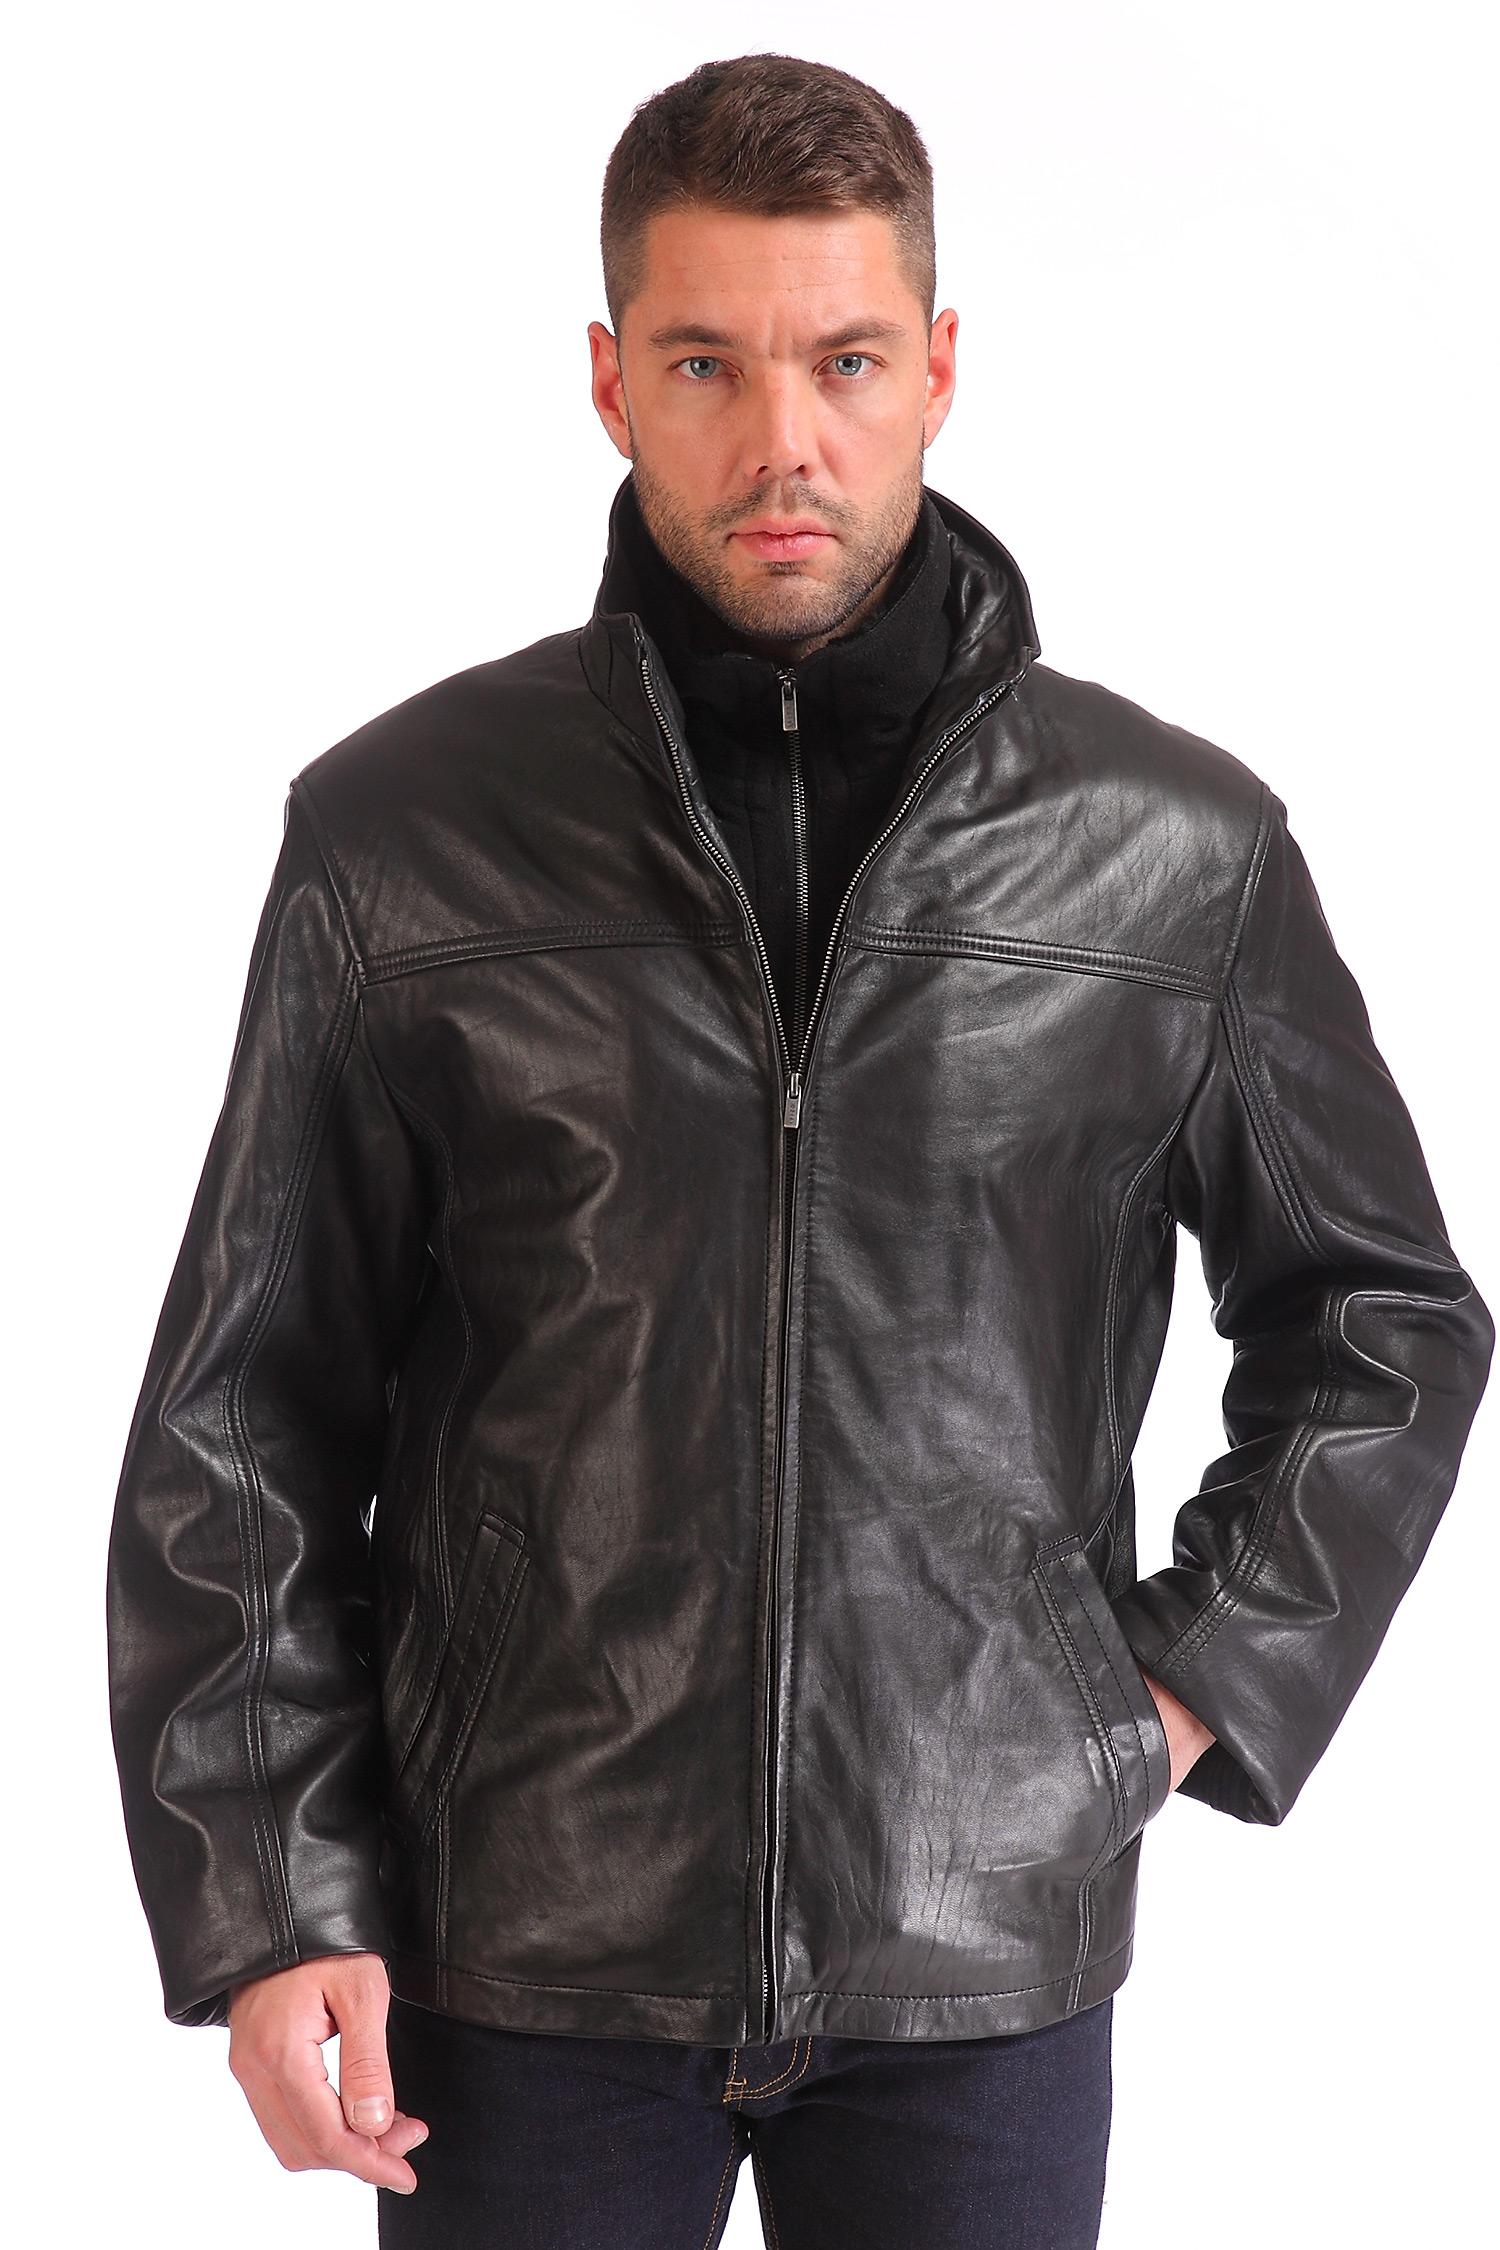 Мужская кожаная куртка из натуральной кожи с воротником, без отделки<br><br>Материал: Натуральная кожа<br>Длина см: 70<br>Воротник: Стойка<br>Цвет: Черный<br>Пол: Мужской<br>Размер RU: 52-54